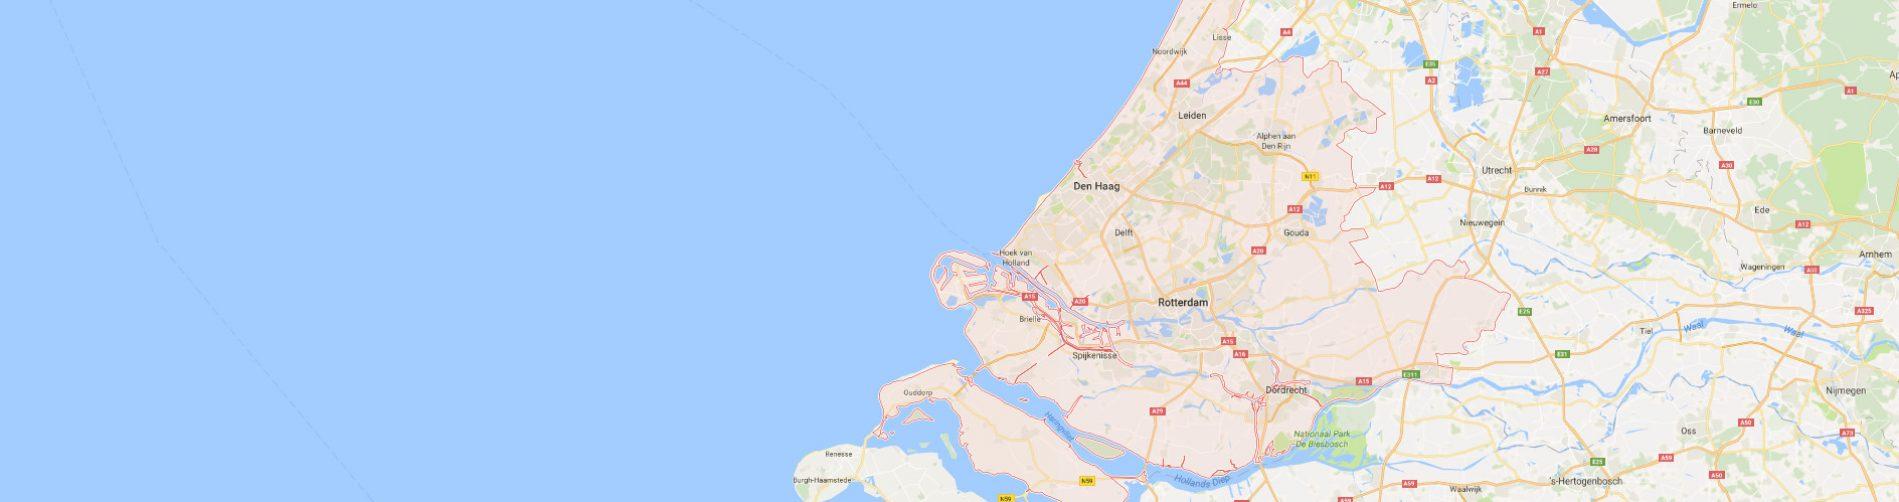 Particuliere Thuiszorg Nederland in Zuid-Holland